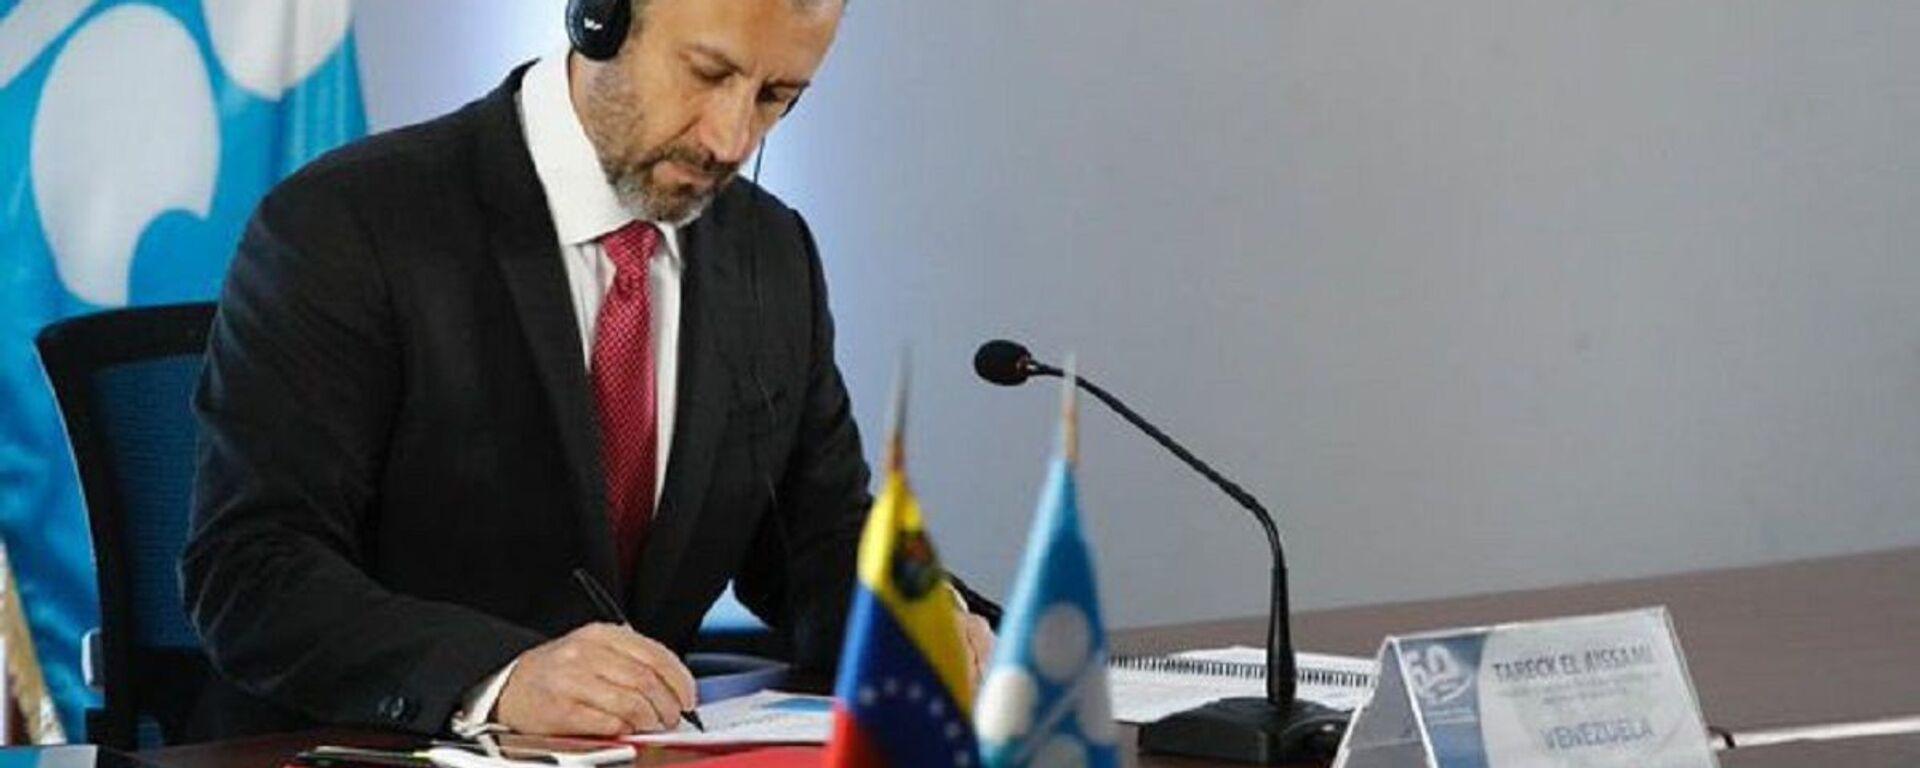 Tareck El Aissami, ministro de Petróleo de Venezuela - Sputnik Mundo, 1920, 06.09.2021